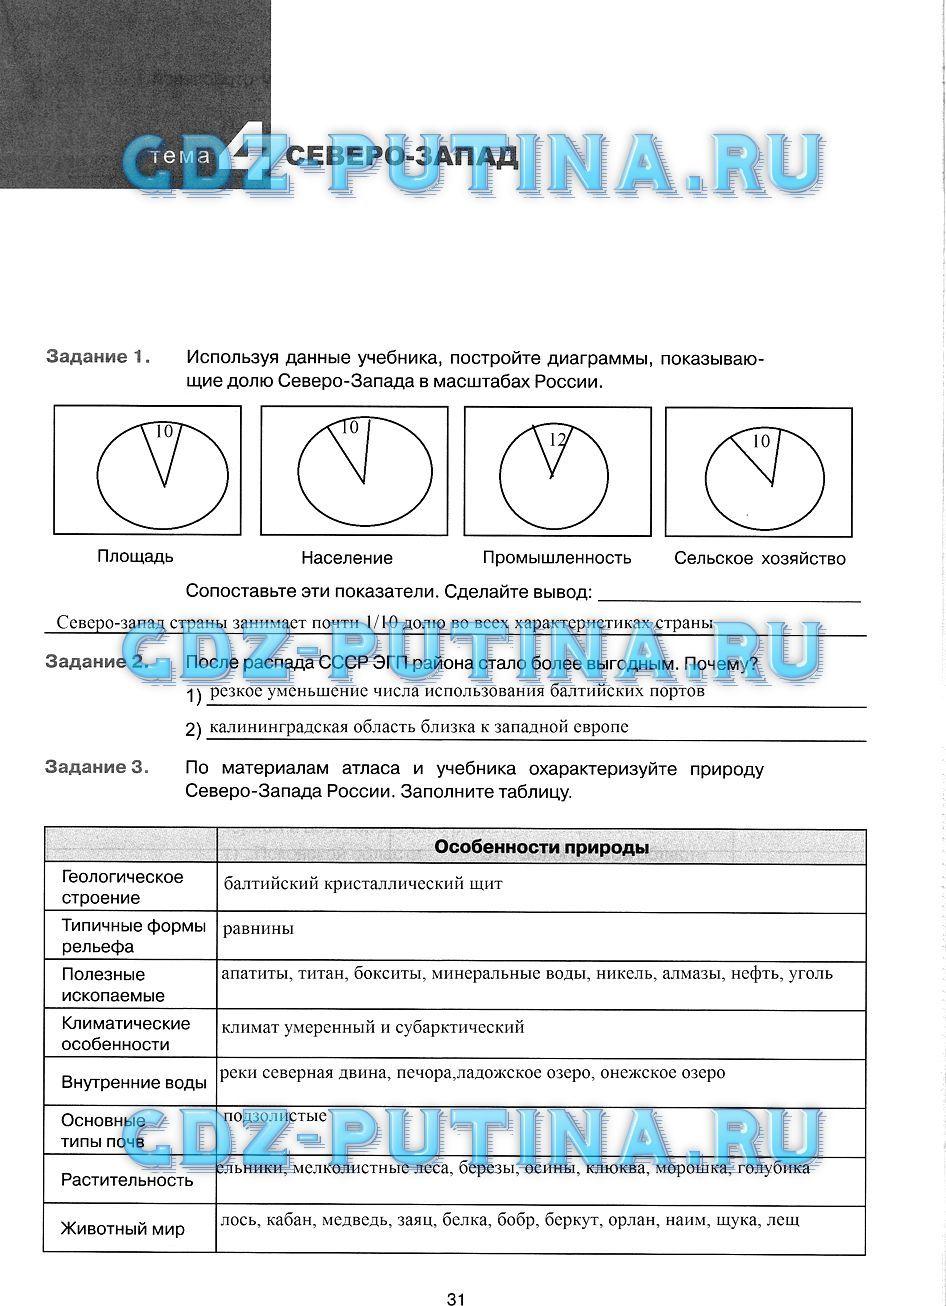 Гдз по русскому языку 9 класс тростенцова godoza